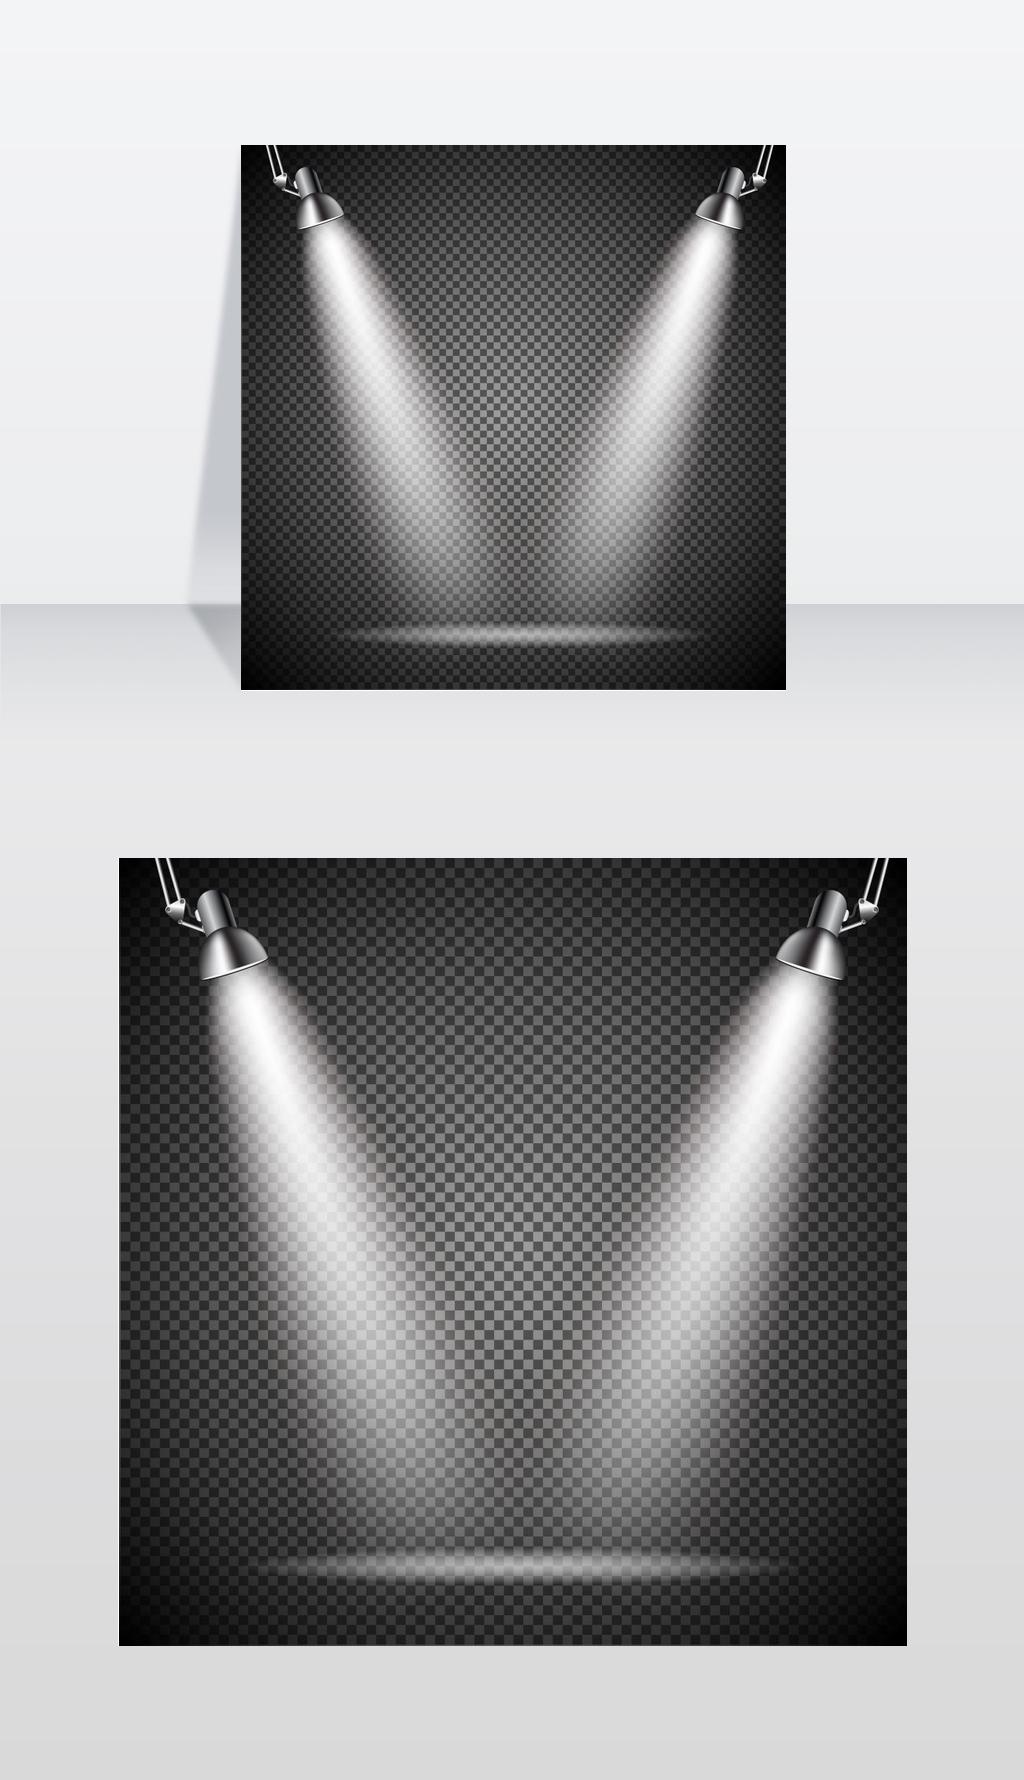 明亮与照明聚光灯灯与透明效果的格子暗背景文本或对象的空空间EPS10明亮的射灯照明图片设计素材 高清模板下载 10.35MB 运动大全